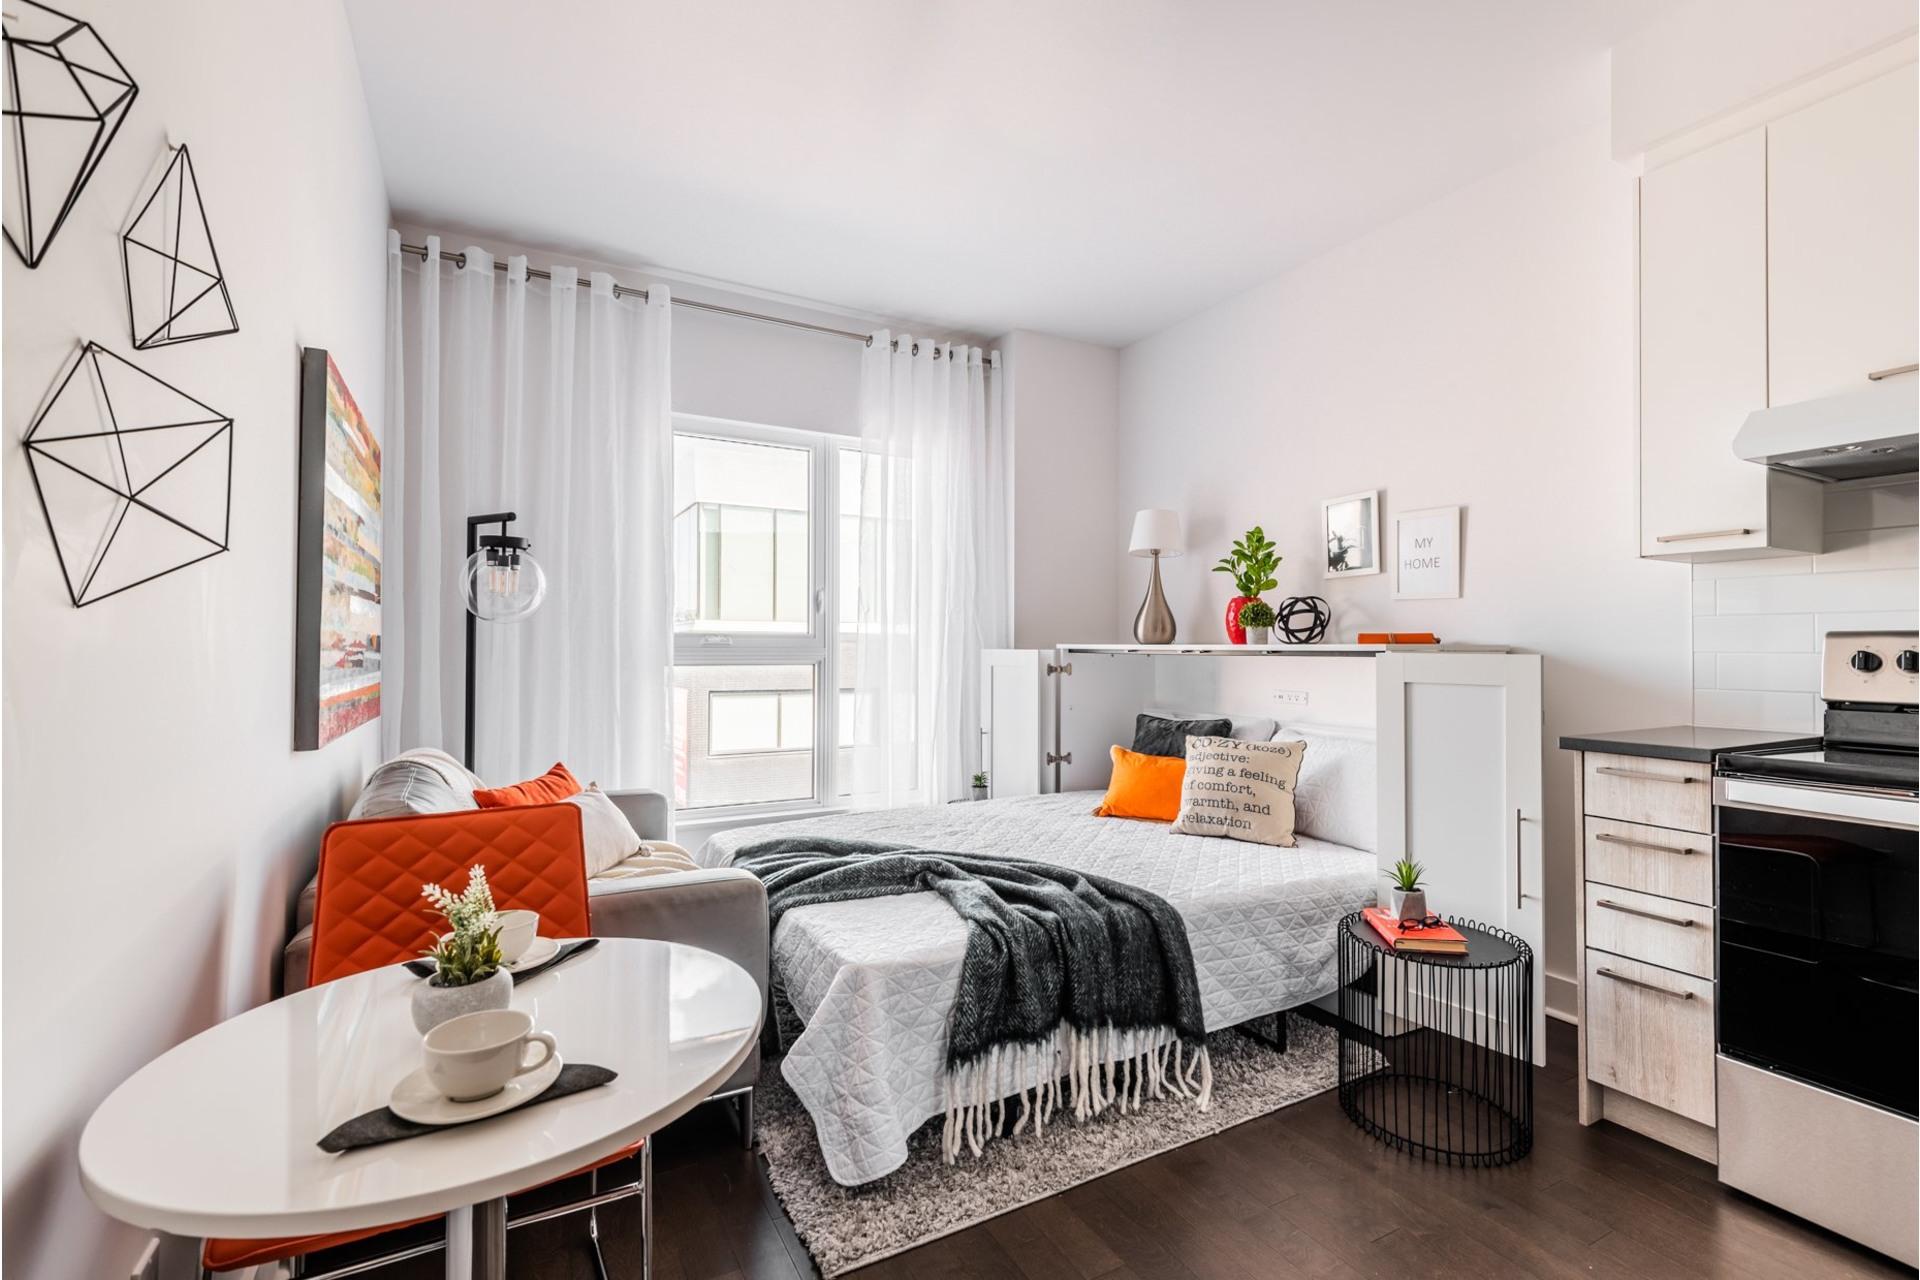 image 10 - Appartement À vendre Villeray/Saint-Michel/Parc-Extension Montréal  - 3 pièces